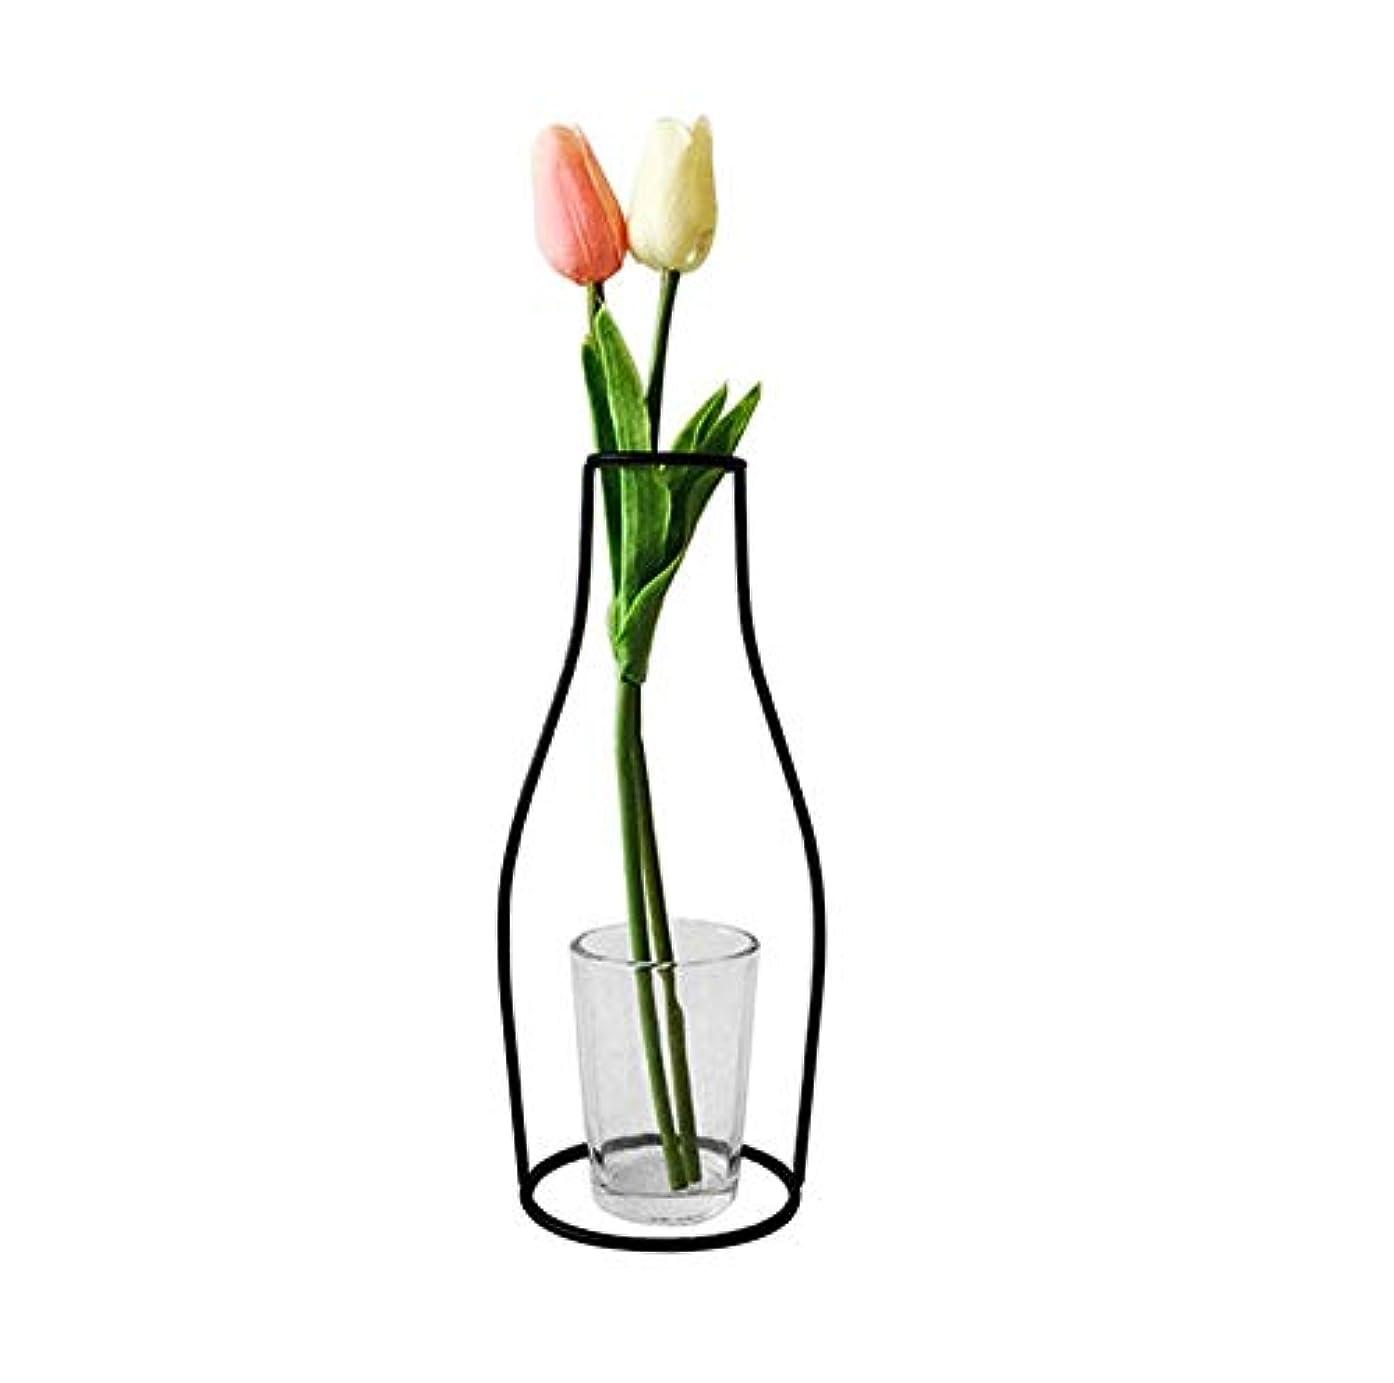 起点キッチン定義Jicorzo - グローブフェアリーミニチュアガーデン装飾アイアンアートクラフトシンプルバルコニーフラワーポットスタンドヴィンテージ家の庭の装飾アクセサリー[G06]